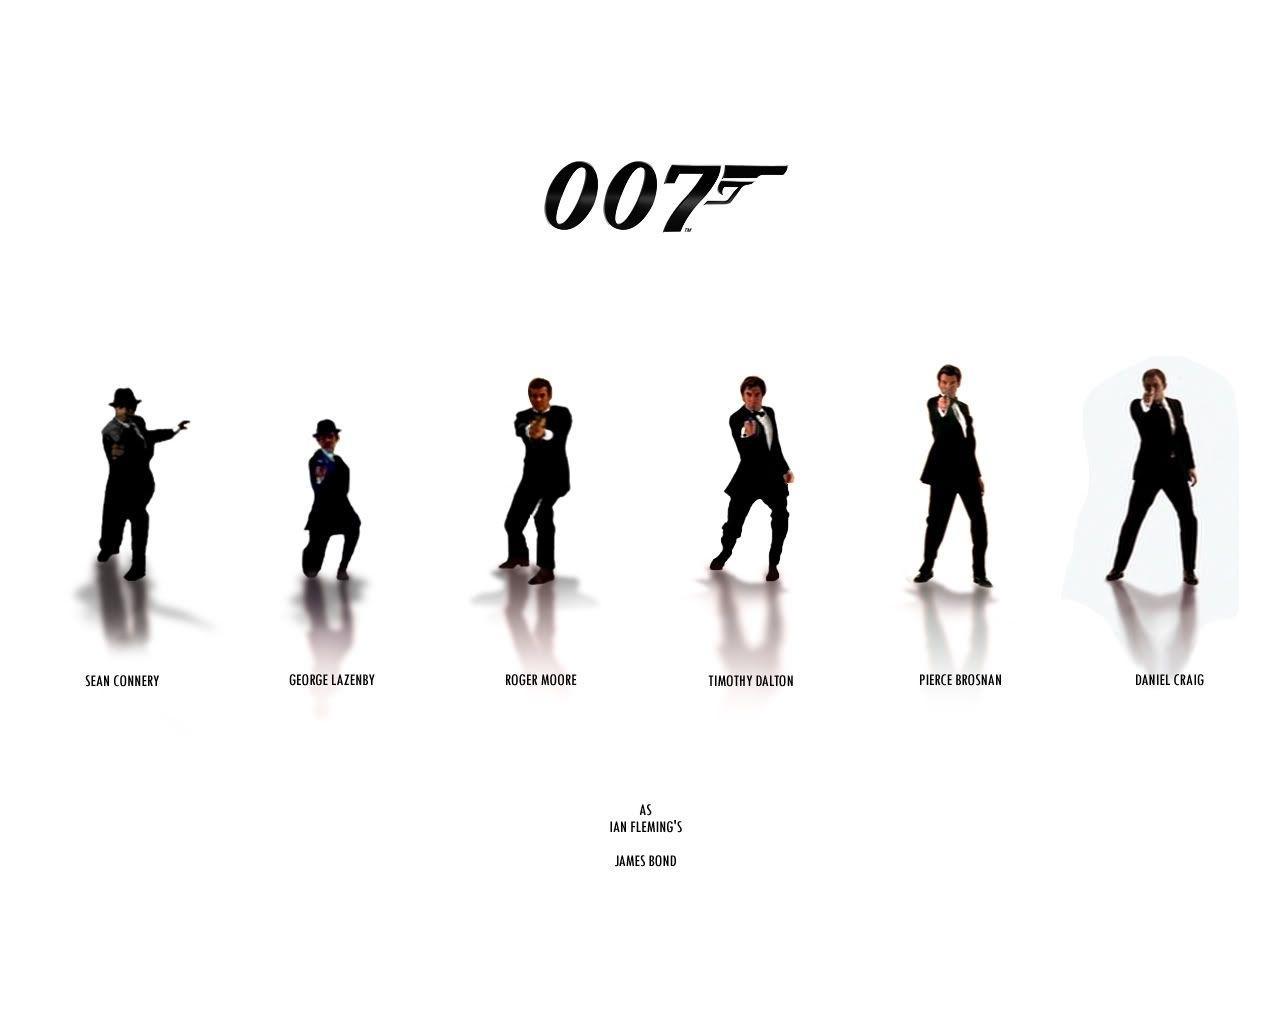 007's evolution 1280x1024 wallpapers download - desktop wallpapers